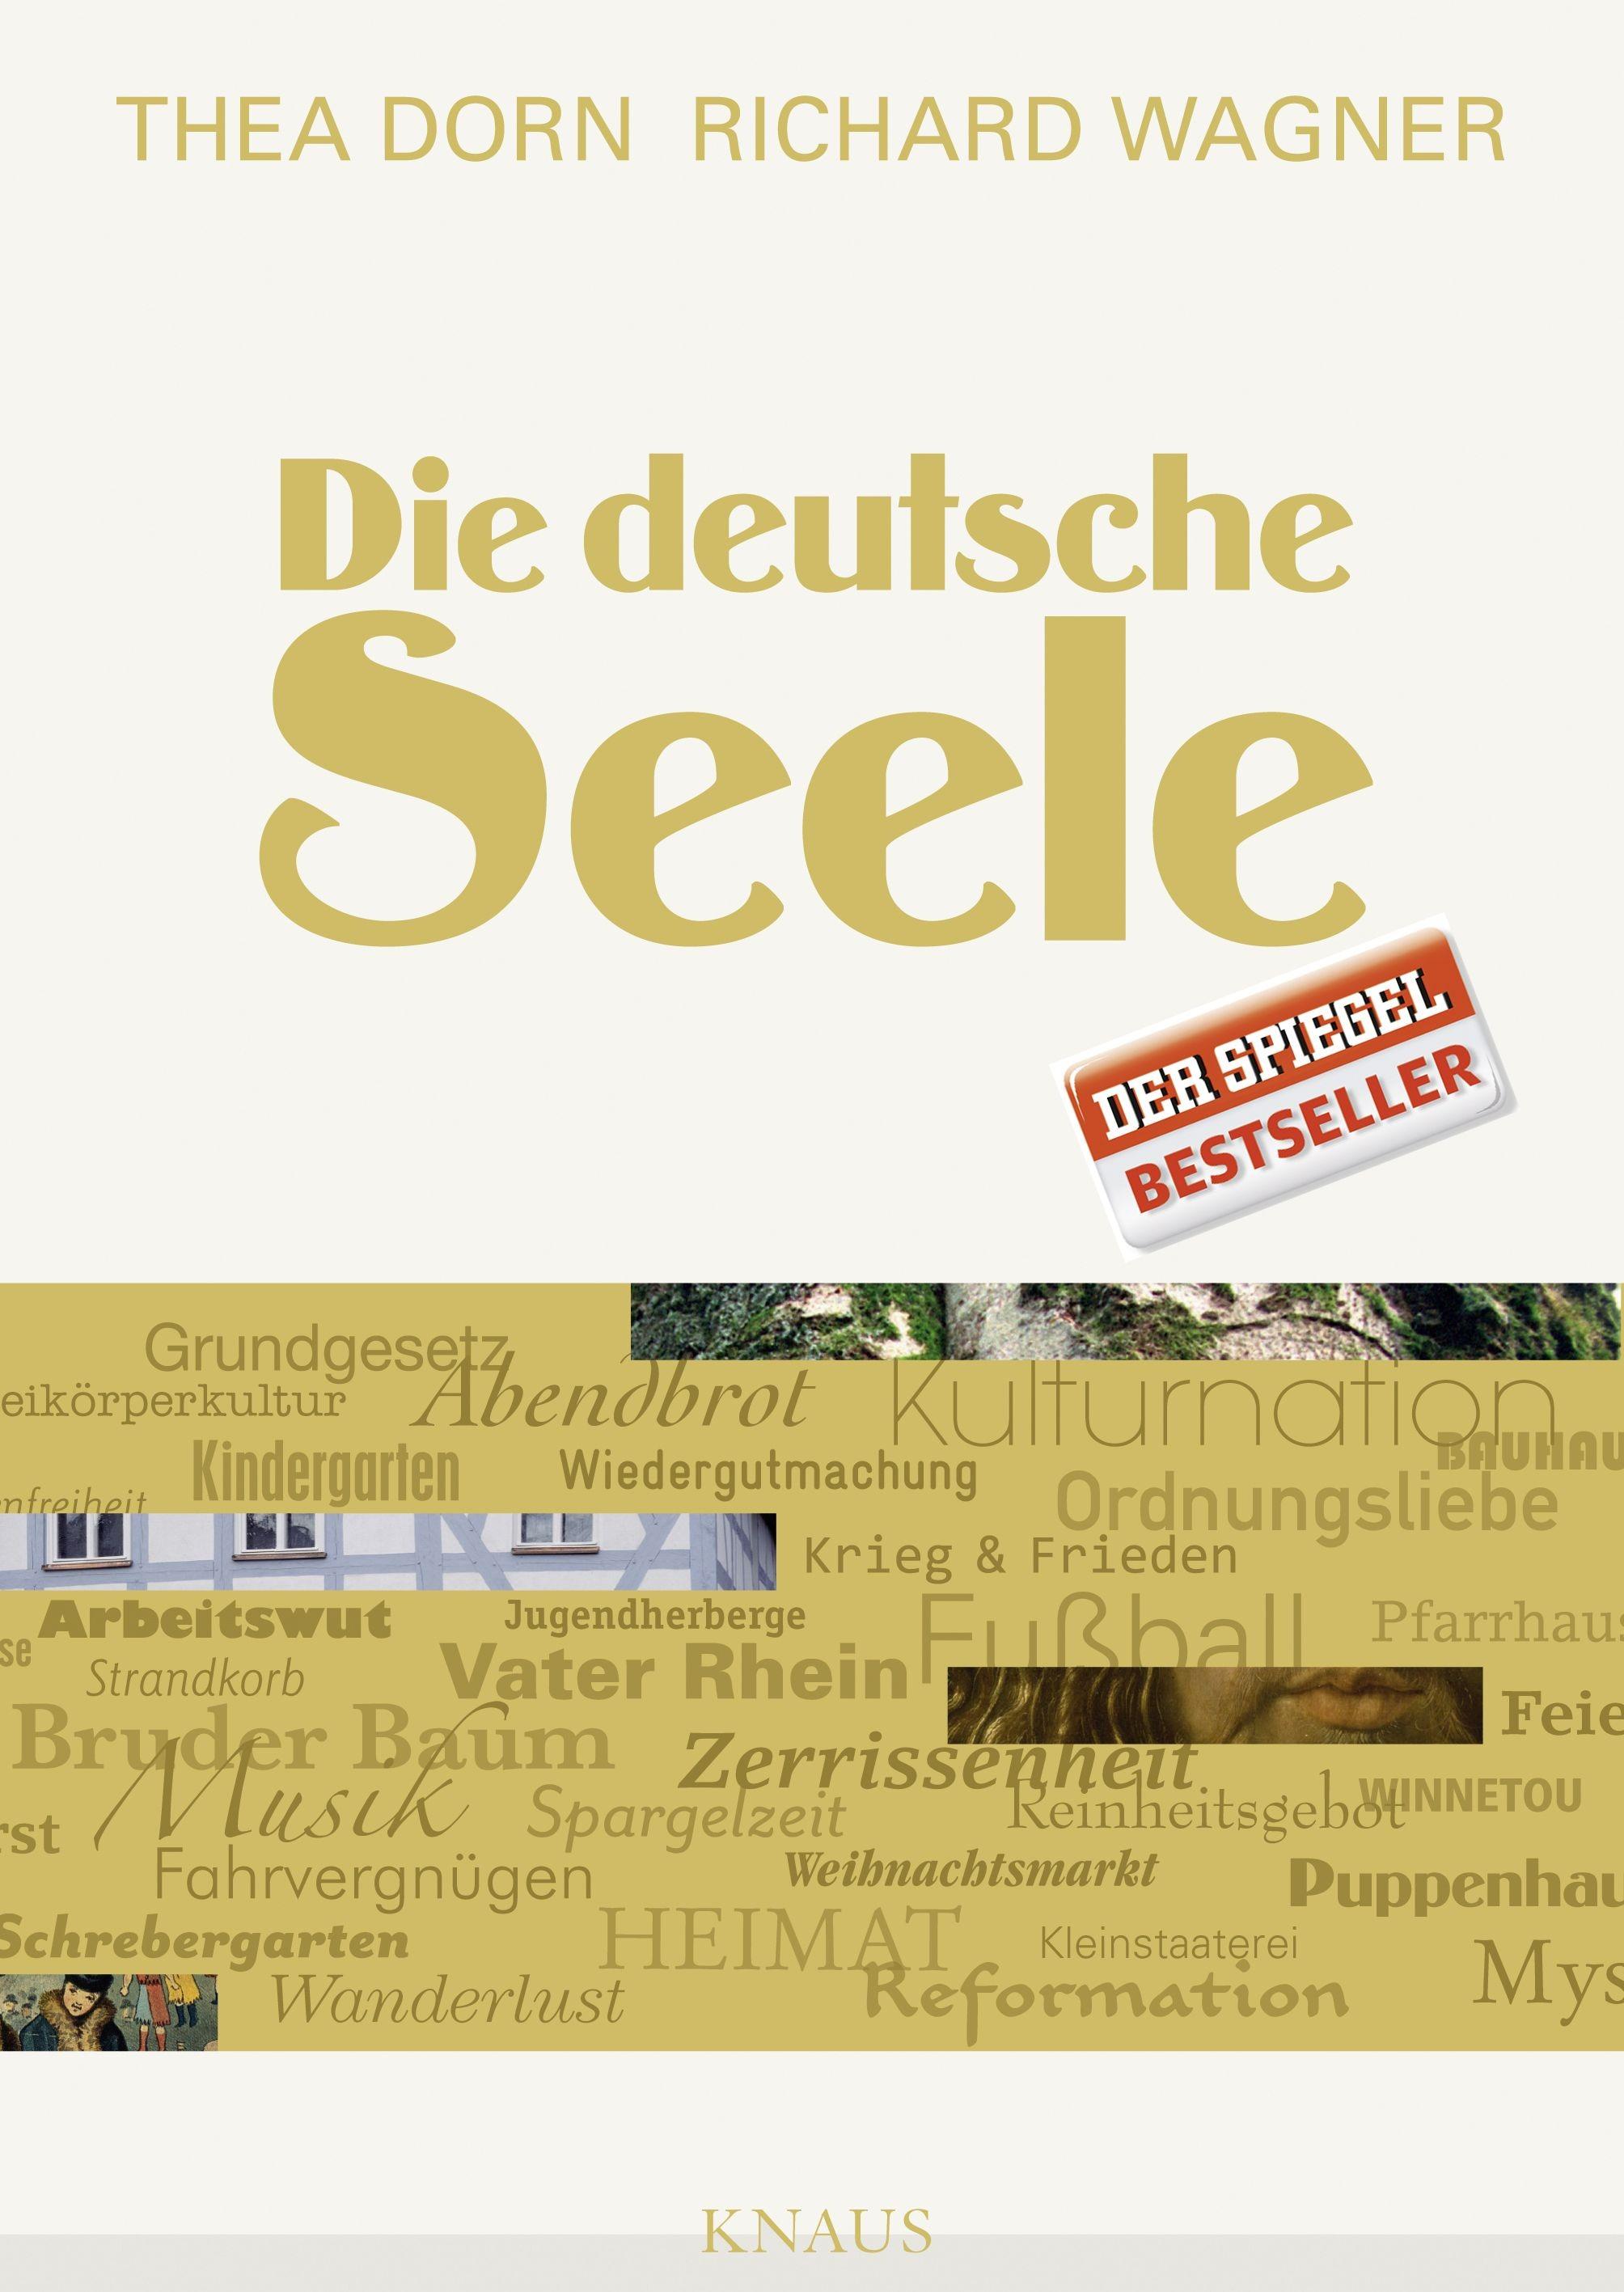 Die deutsche Seele Thea Dorn